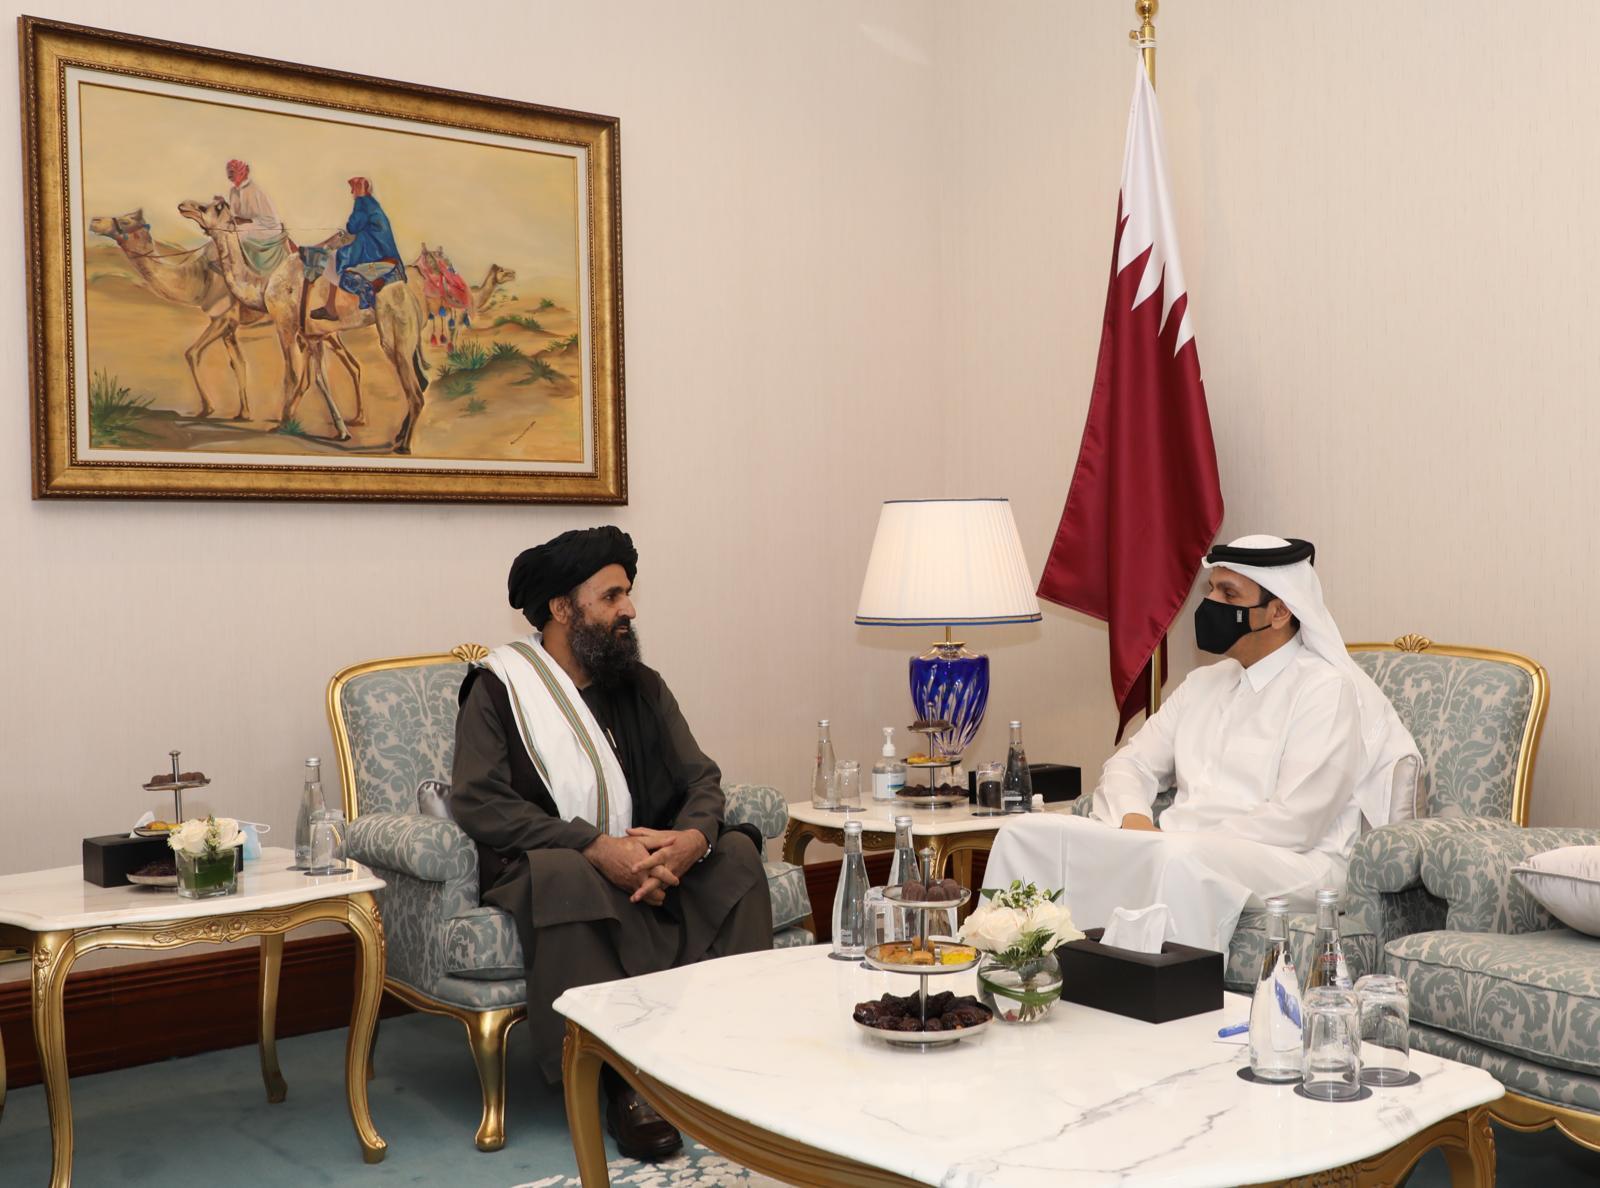 نائب رئيس مجلس الوزراء وزير الخارجية يجتمع مع رئيس المكتب السياسي لطالبان الأفغانية